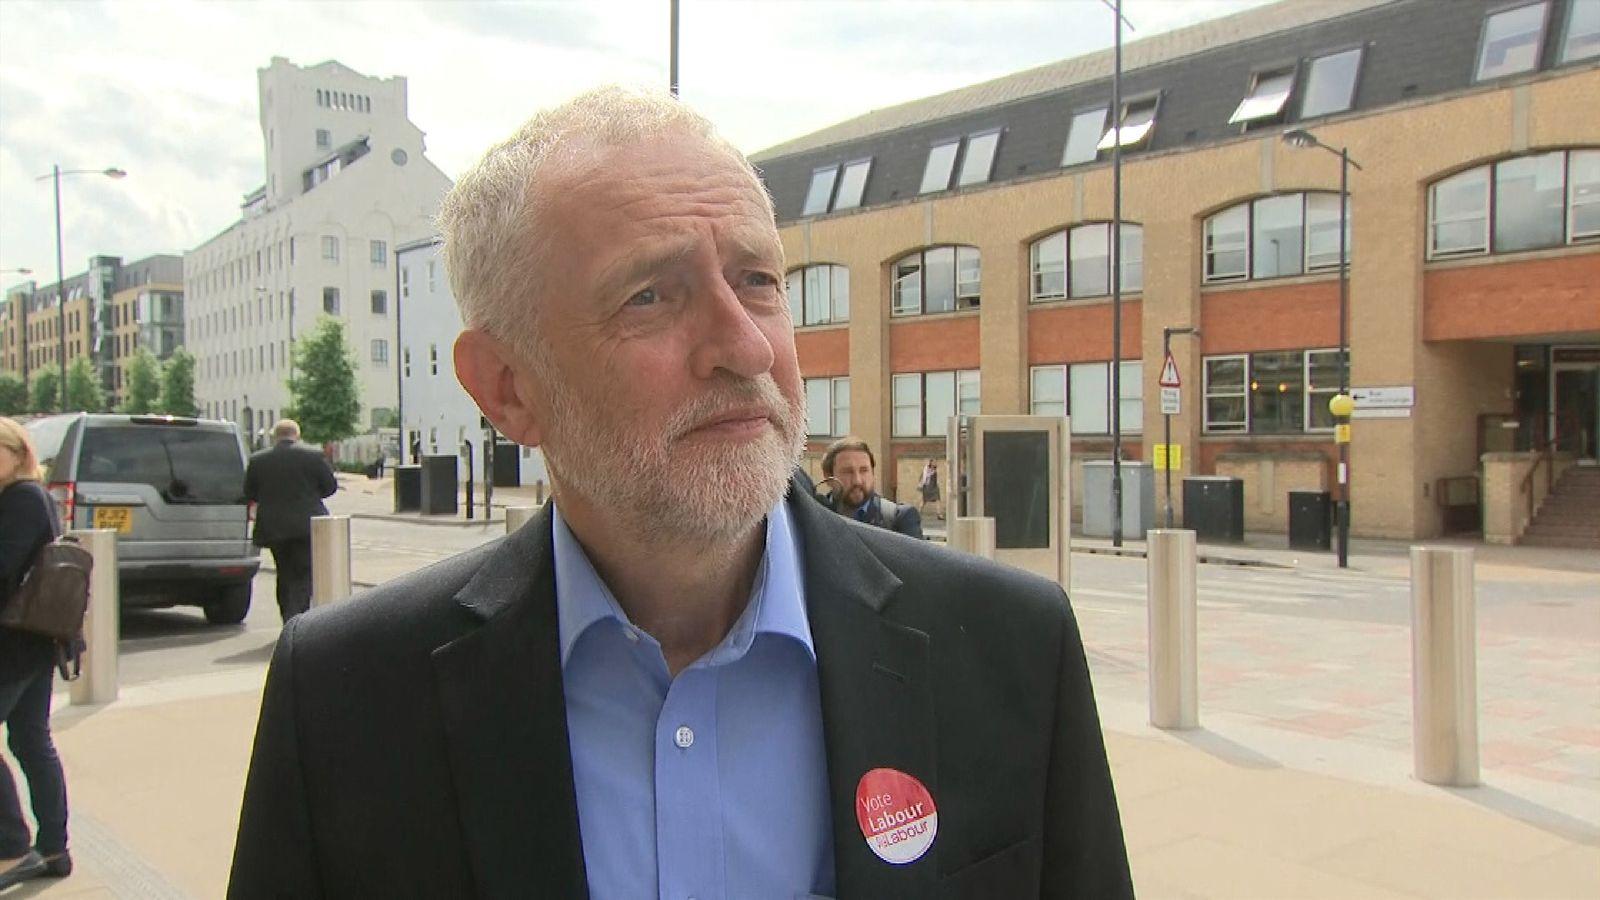 Jeremy Corbyn arrives in Cambridge for TV debate